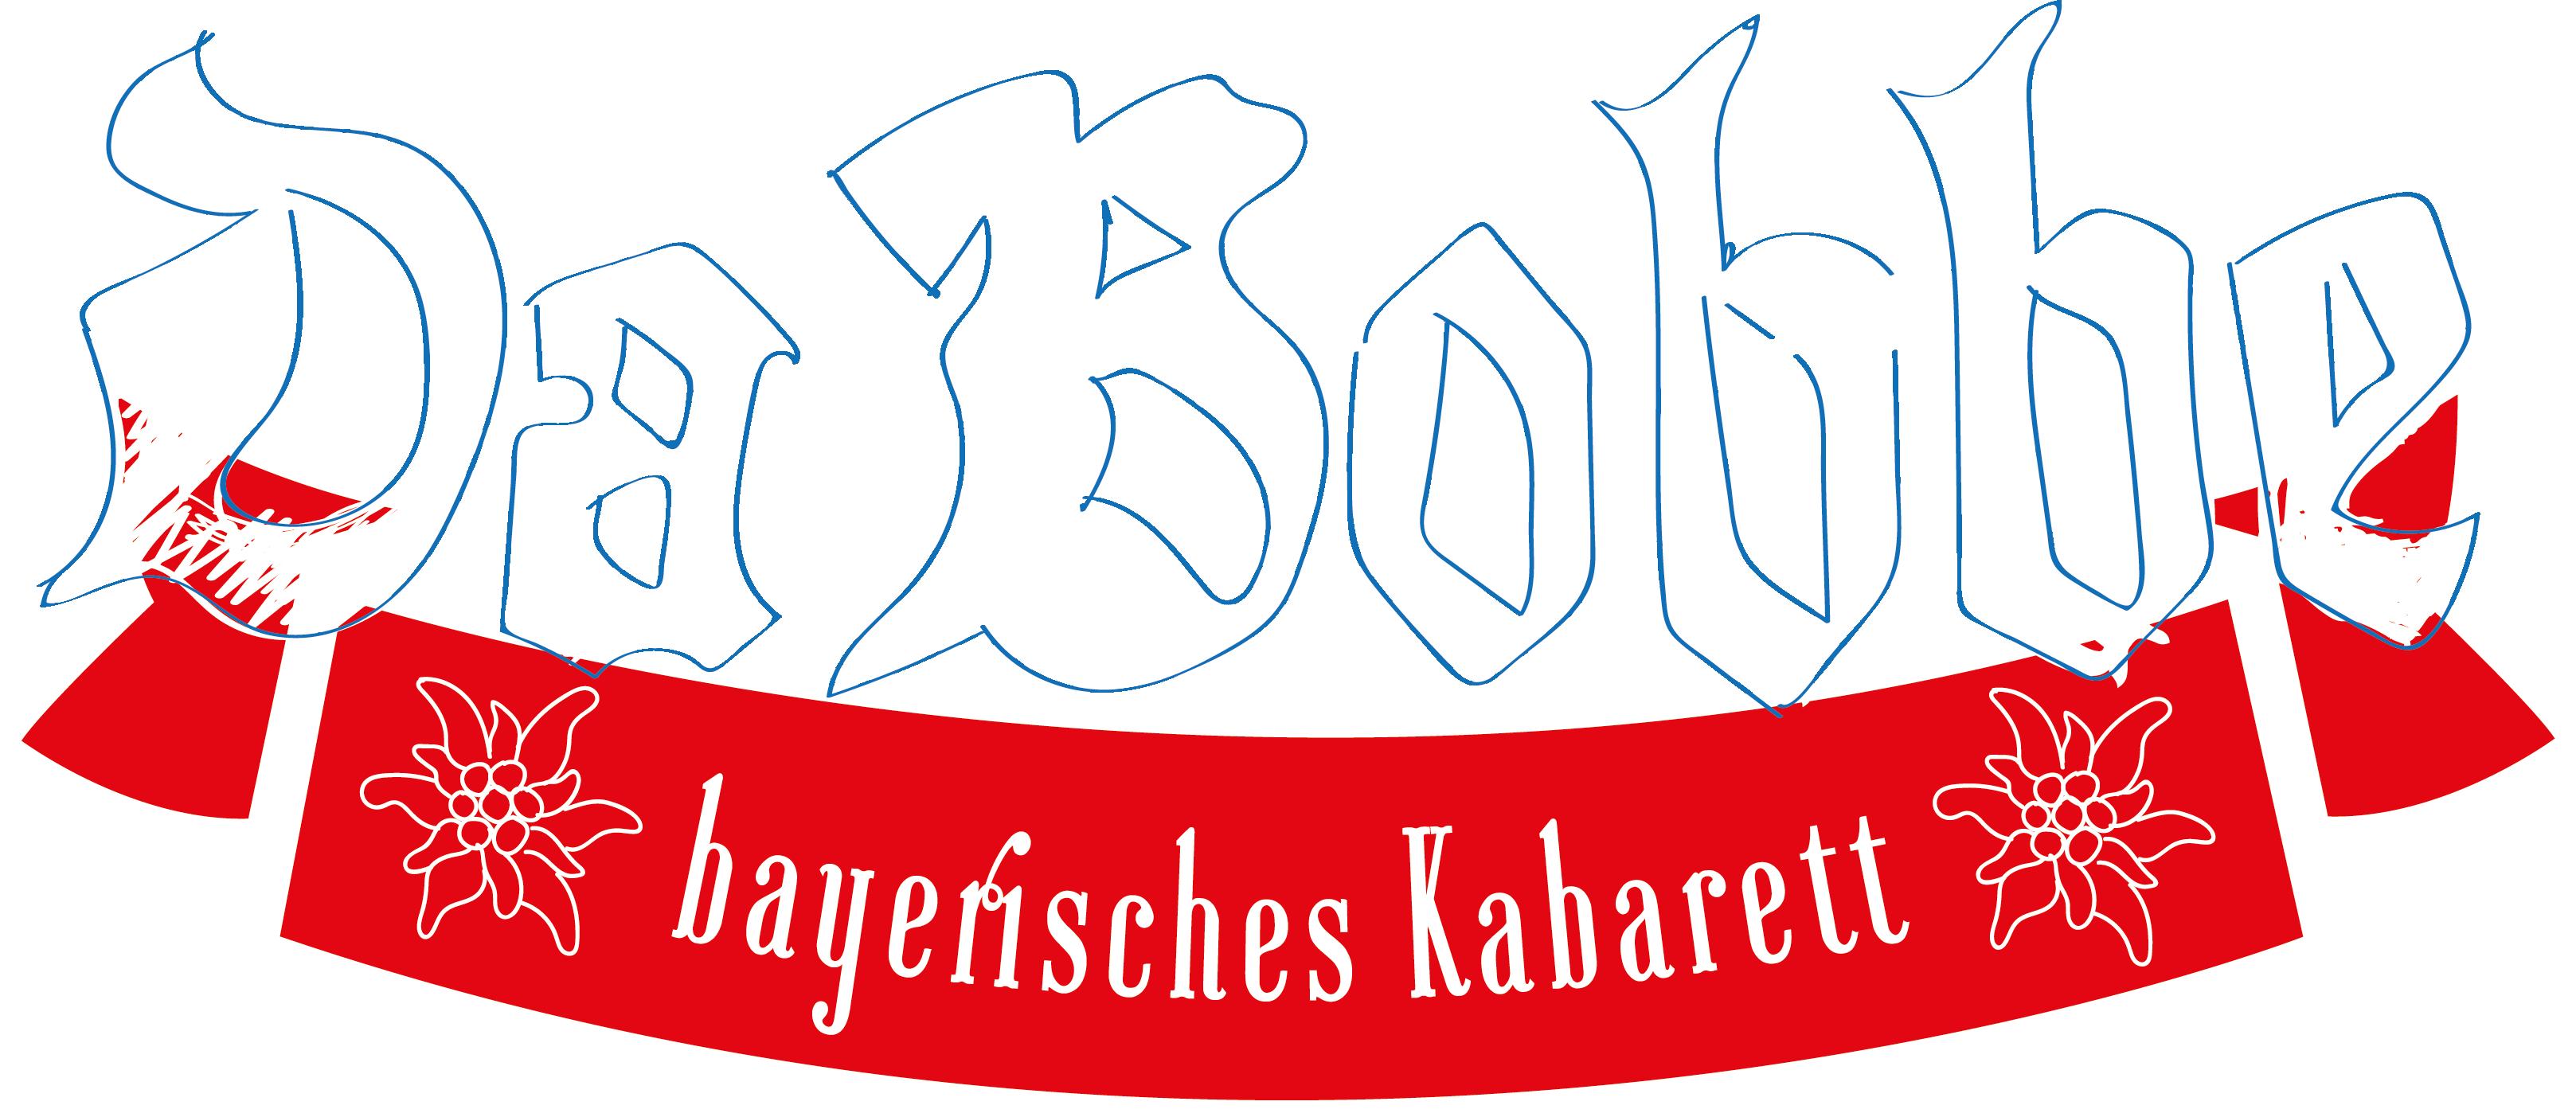 Bobbe-Kabarett